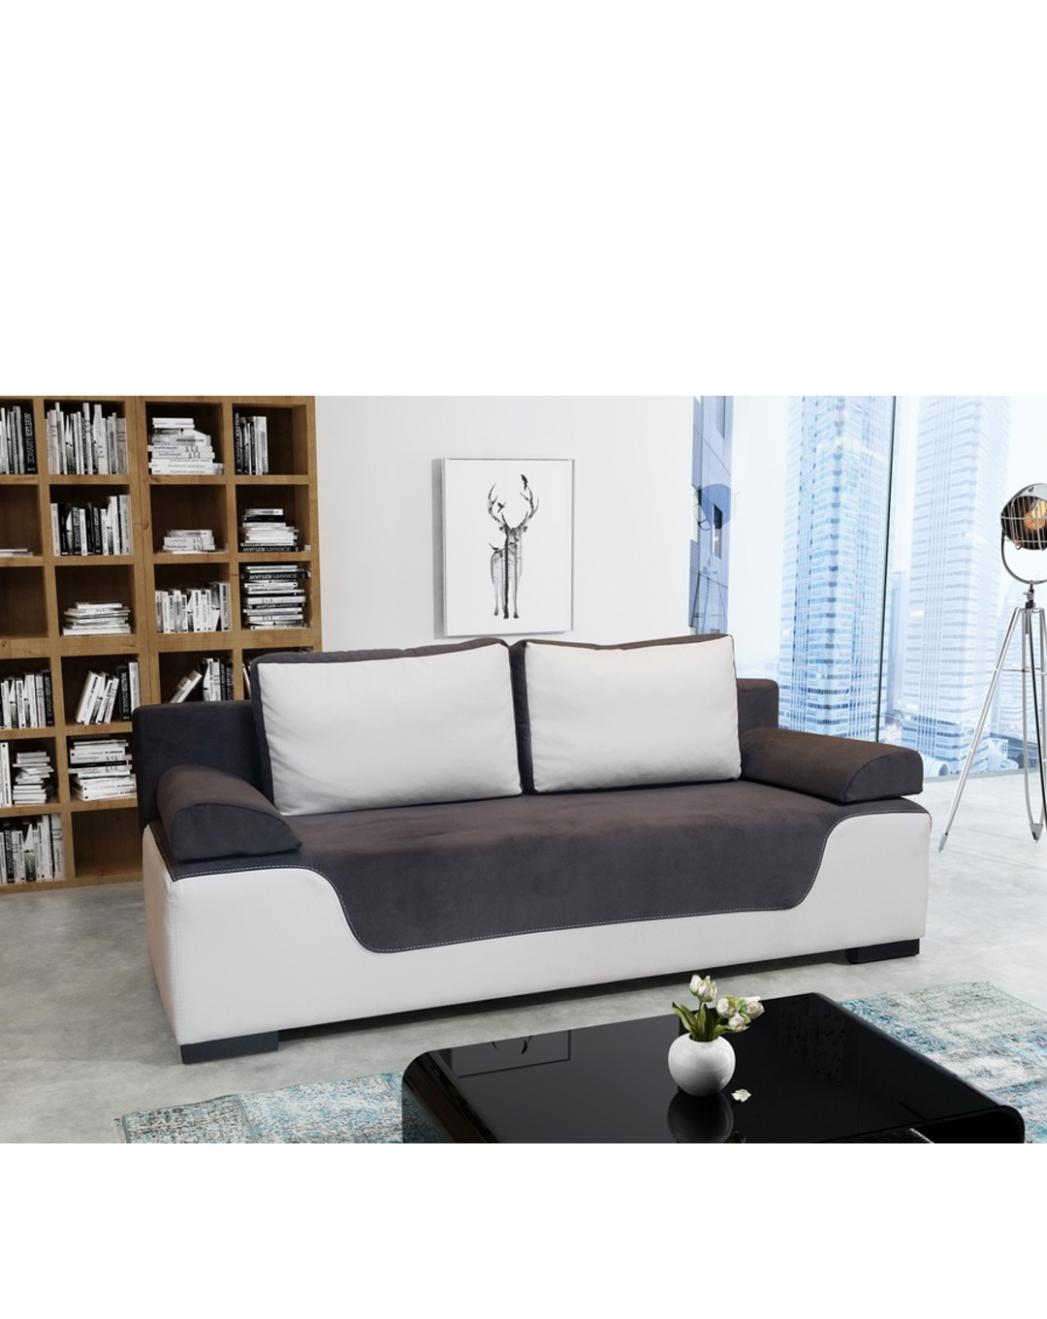 Nábytek Ron Ivančice, Moravský Krumlov, Znojmo - nabídne levný nábytek